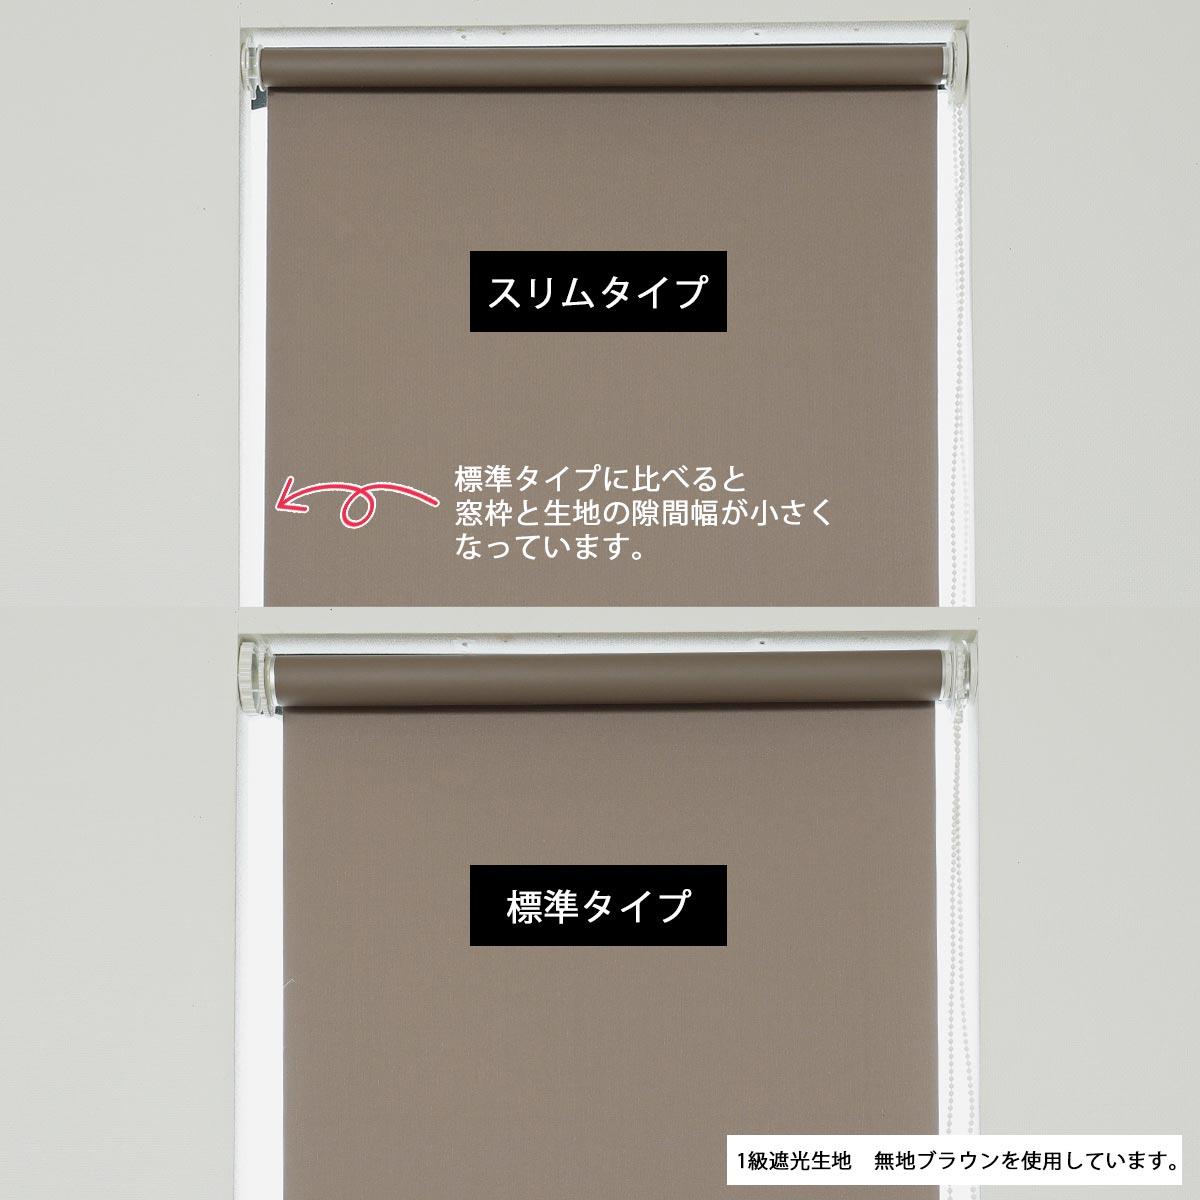 商品詳細図01